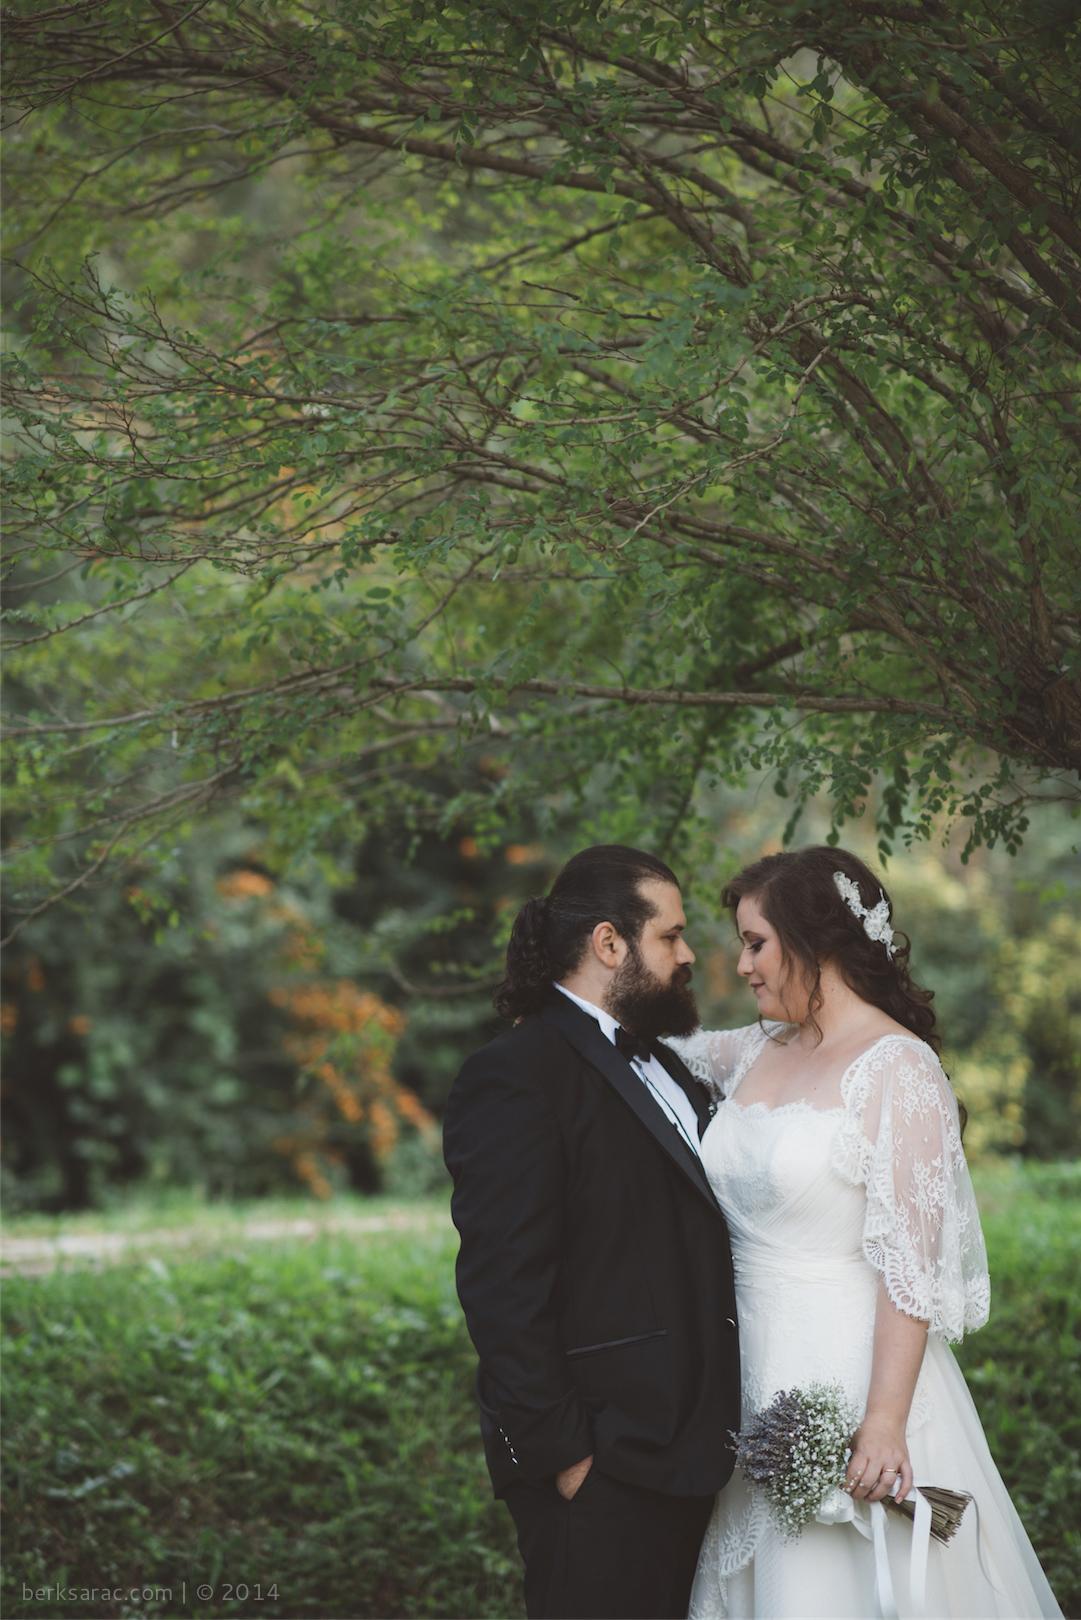 Sonbahar Dış Mekan Düğün Fotoğrafı